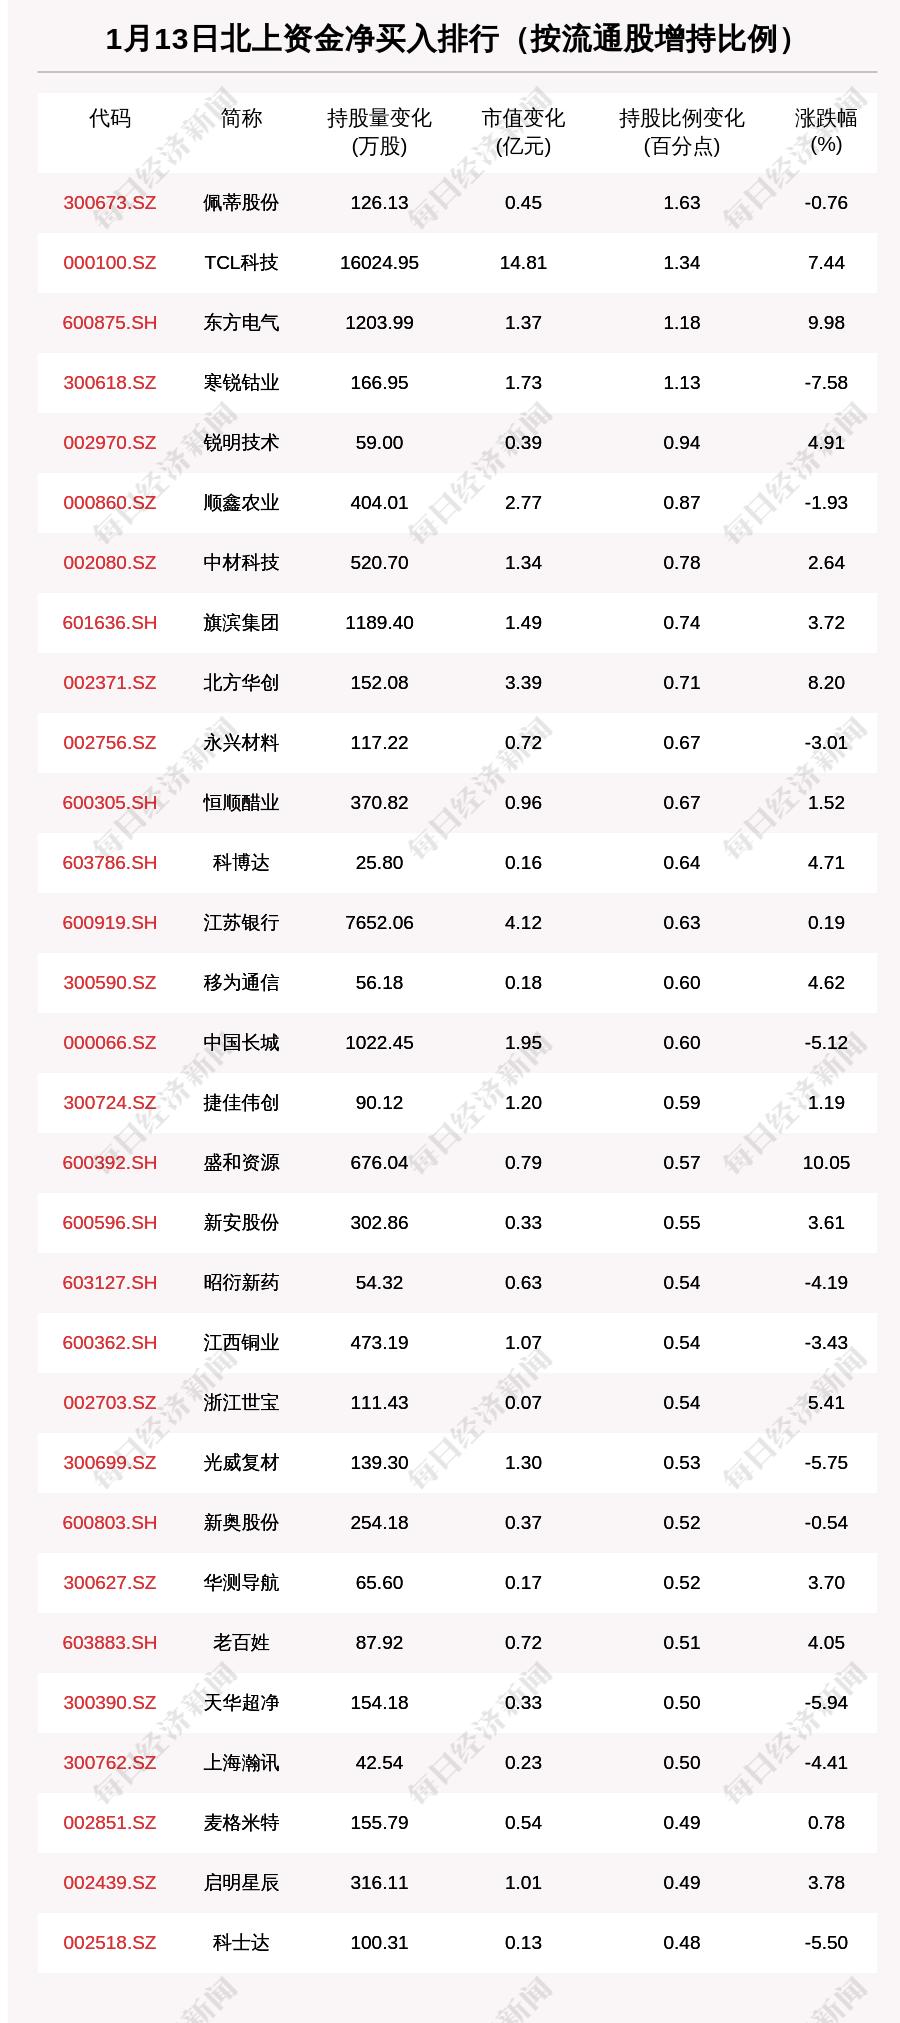 北向资金动向曝光:1月13日这30只个股被猛烈扫货(附名单)